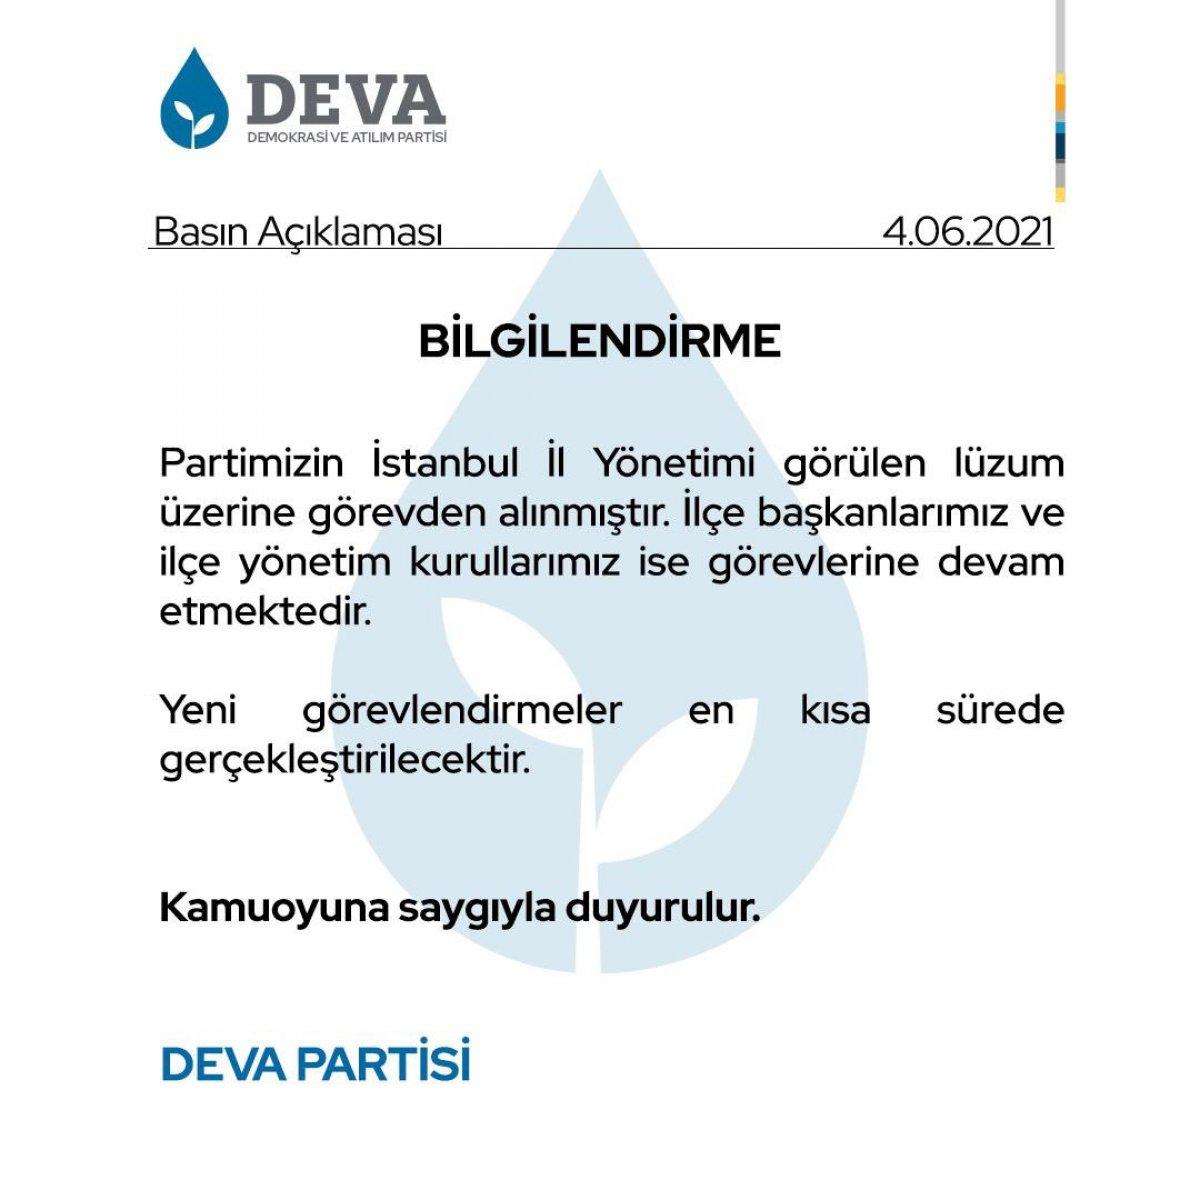 DEVA Partisi İstanbul İl Yönetimi görevden alındı #1